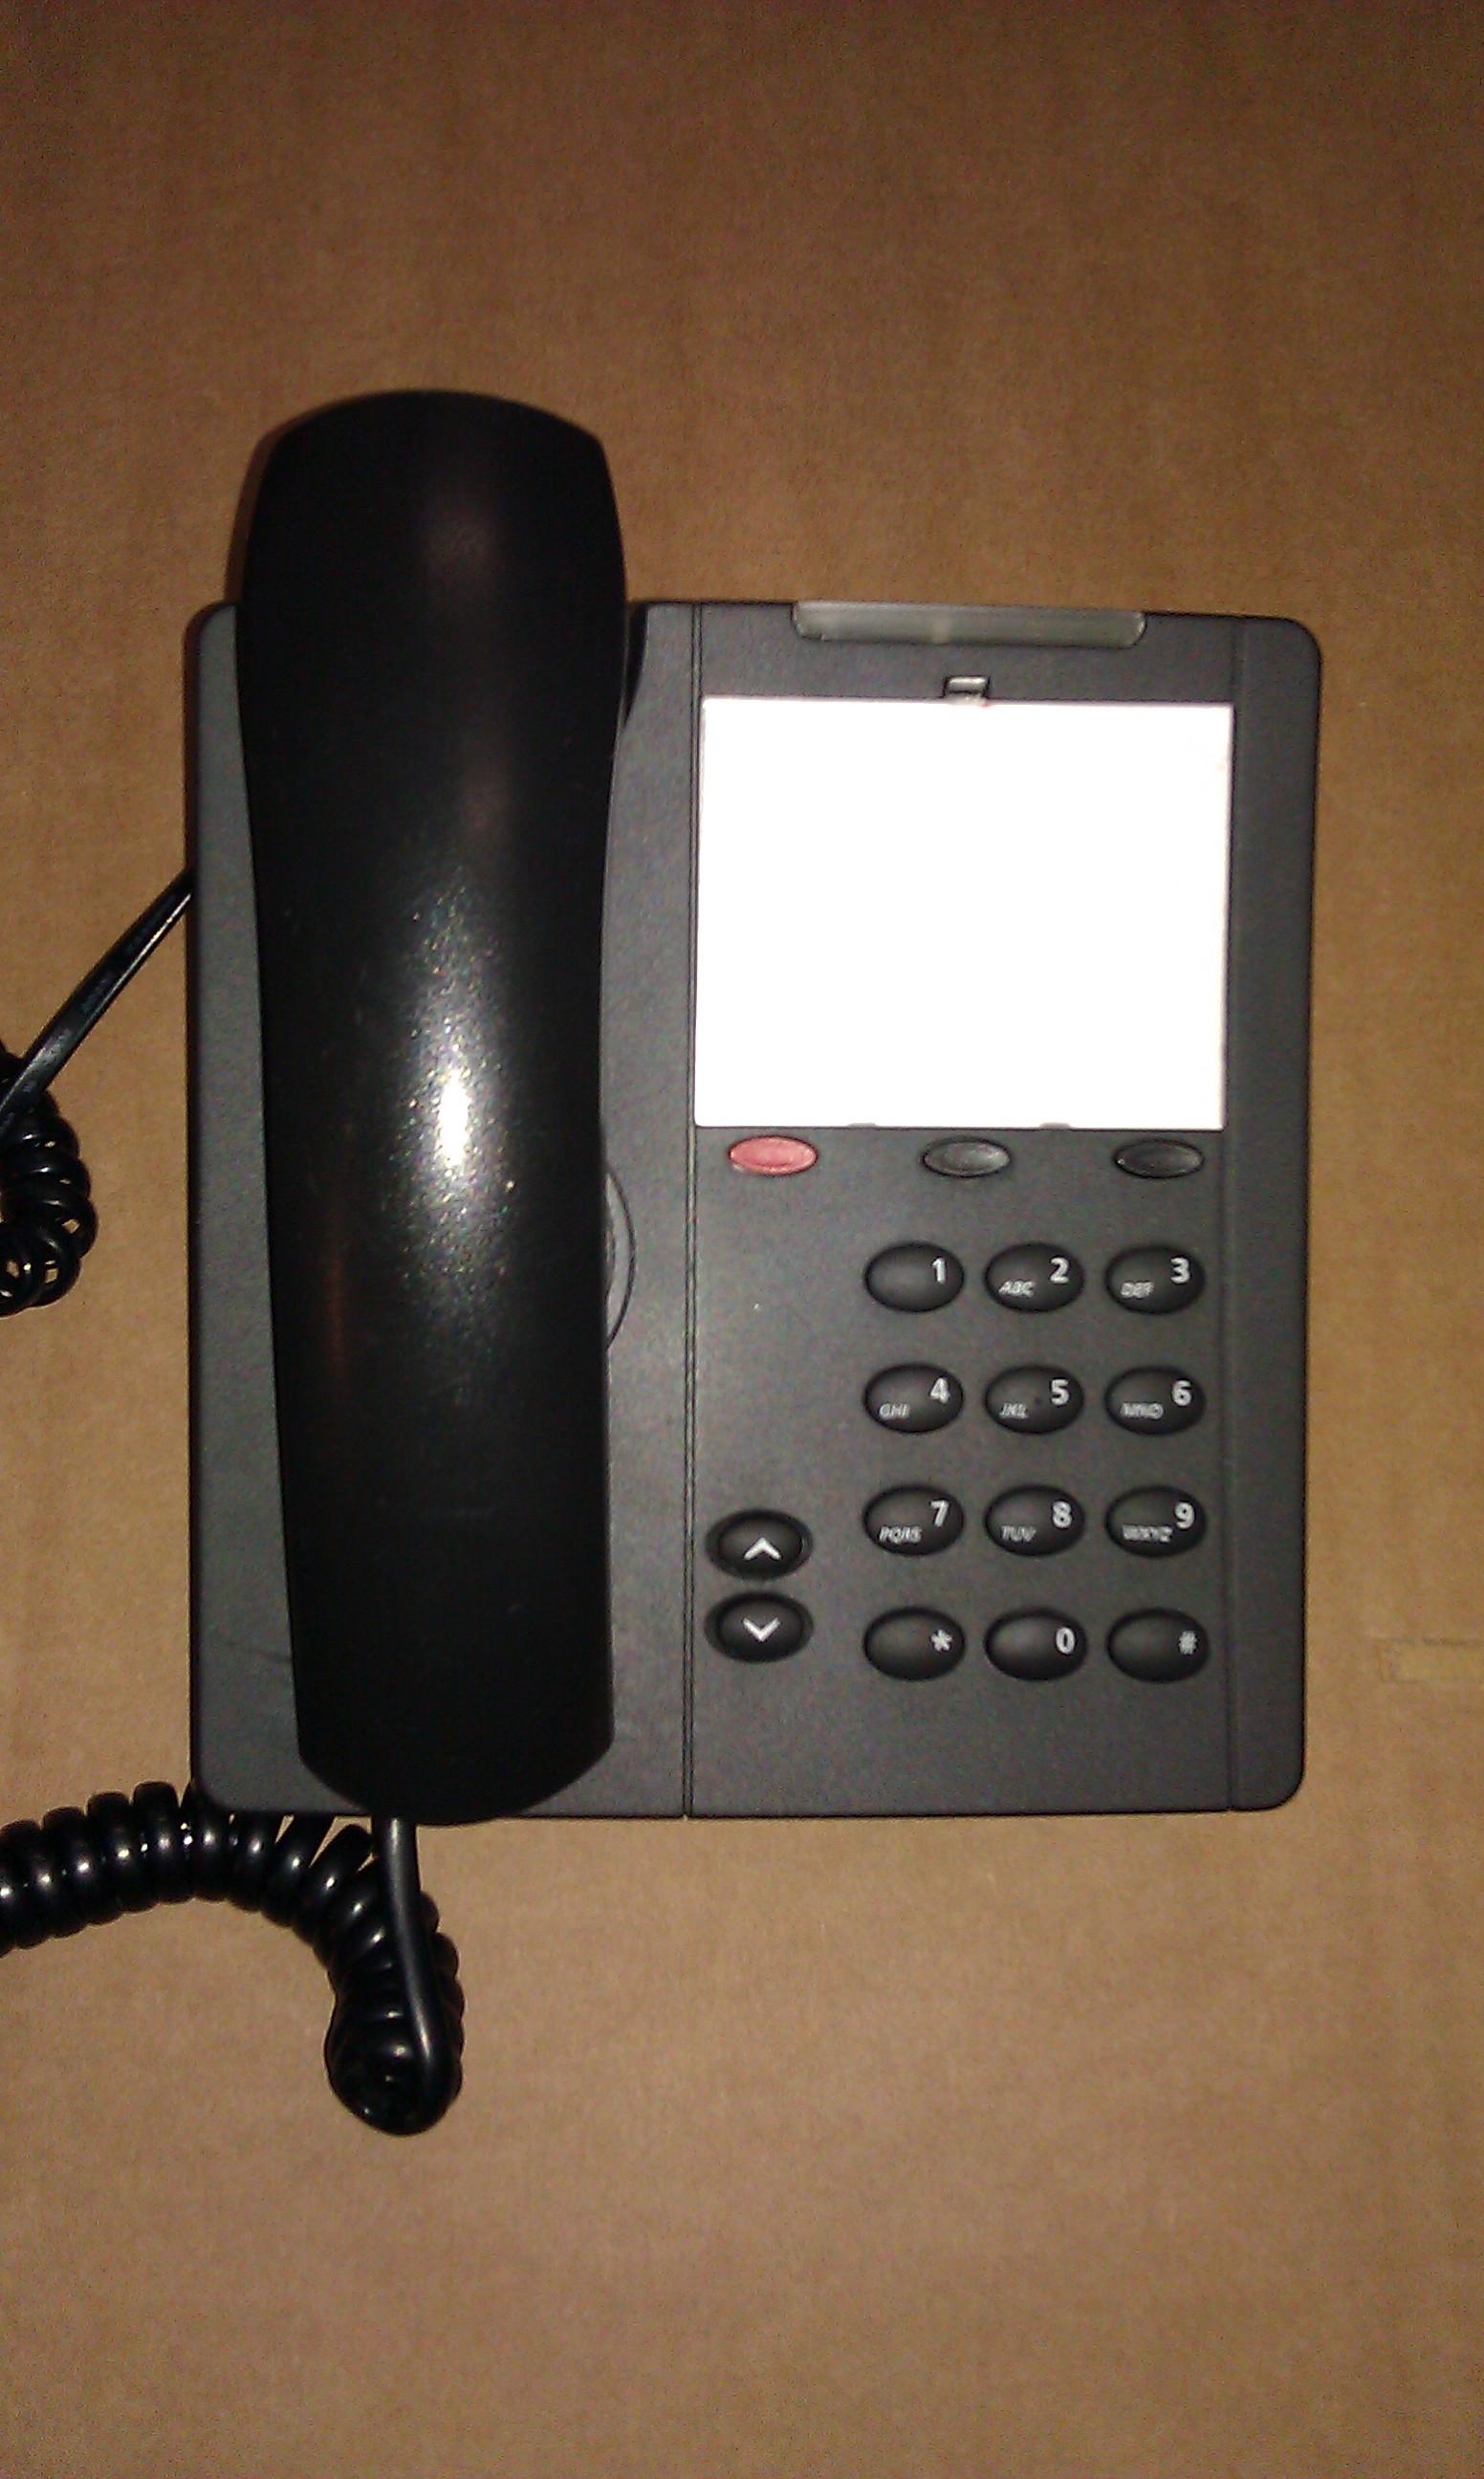 Mitel 5201 IP Phone Dark Grey partij voordeel